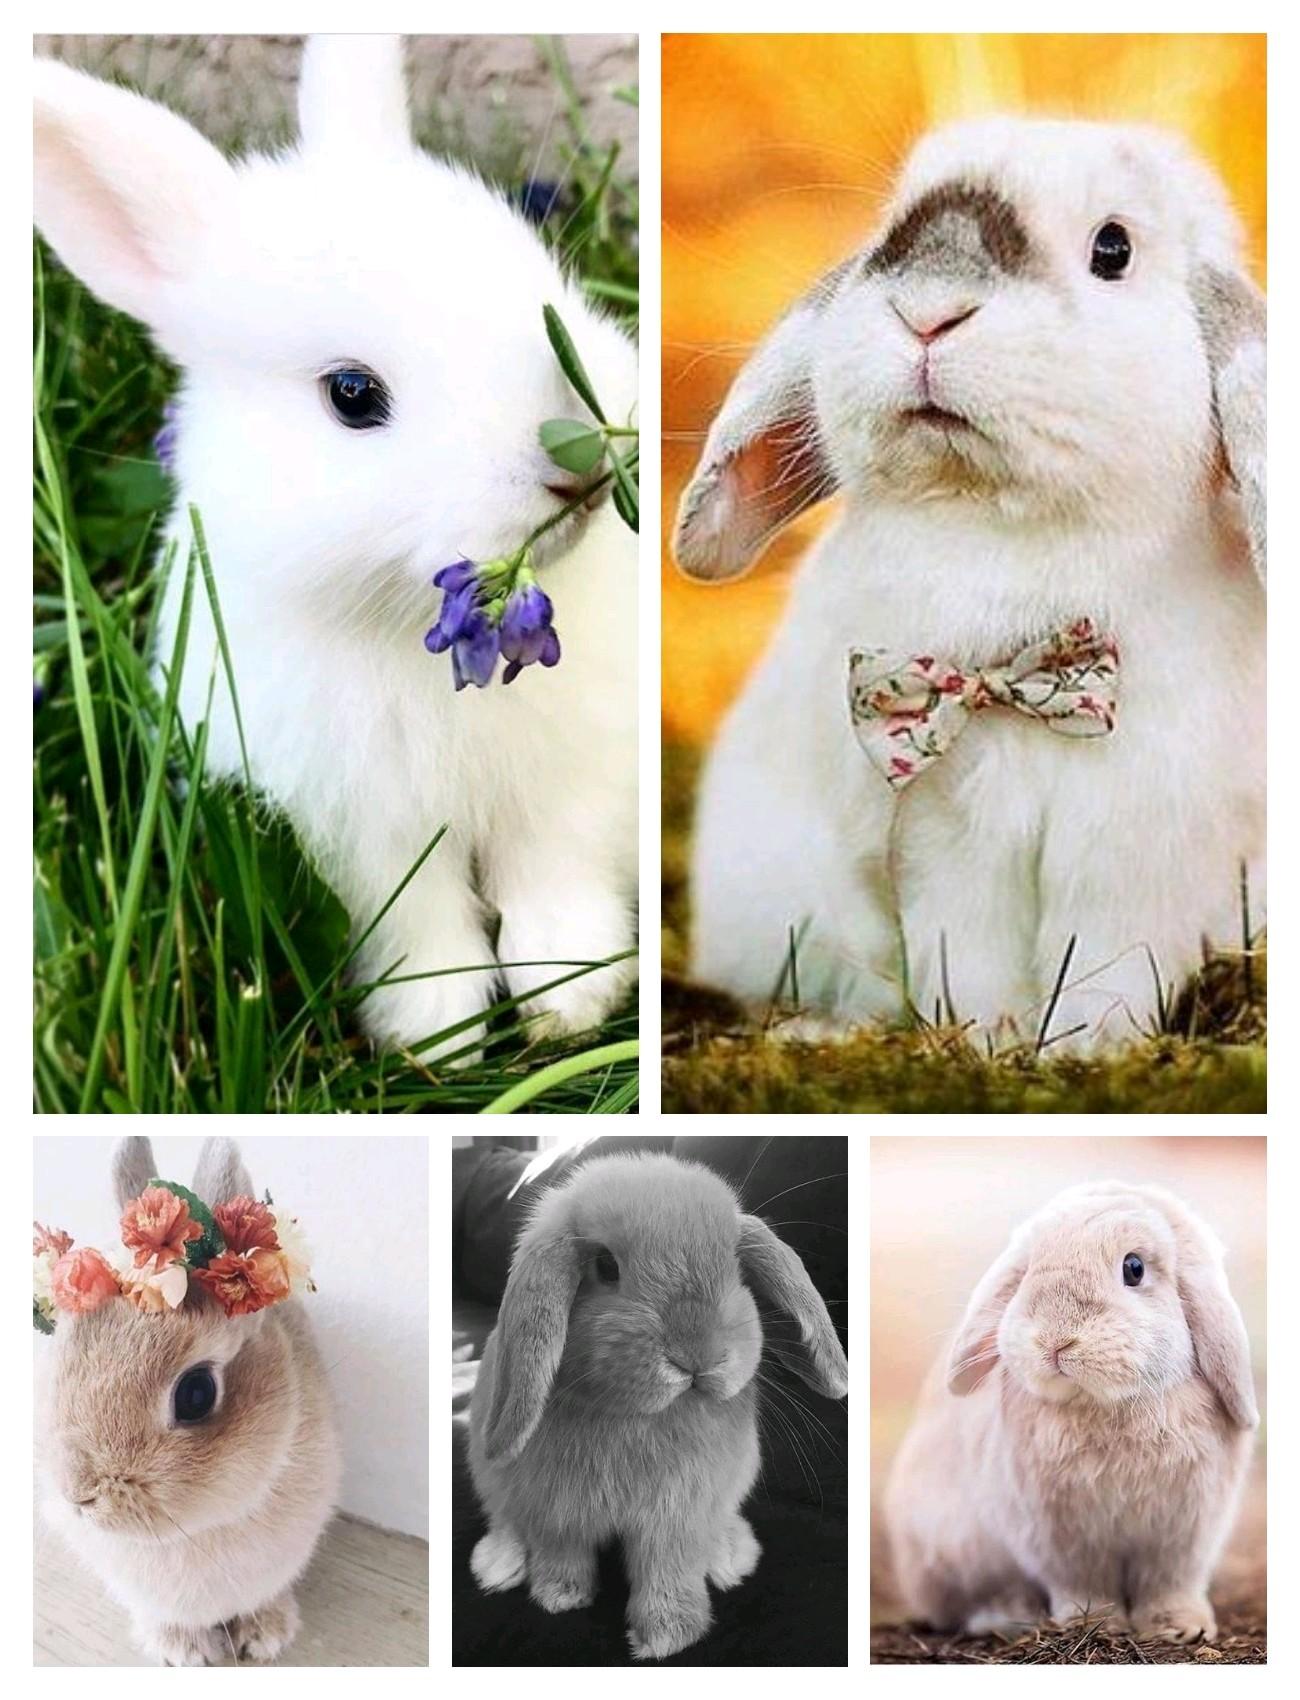 《v粉主题素材》萌萌哒小兔子